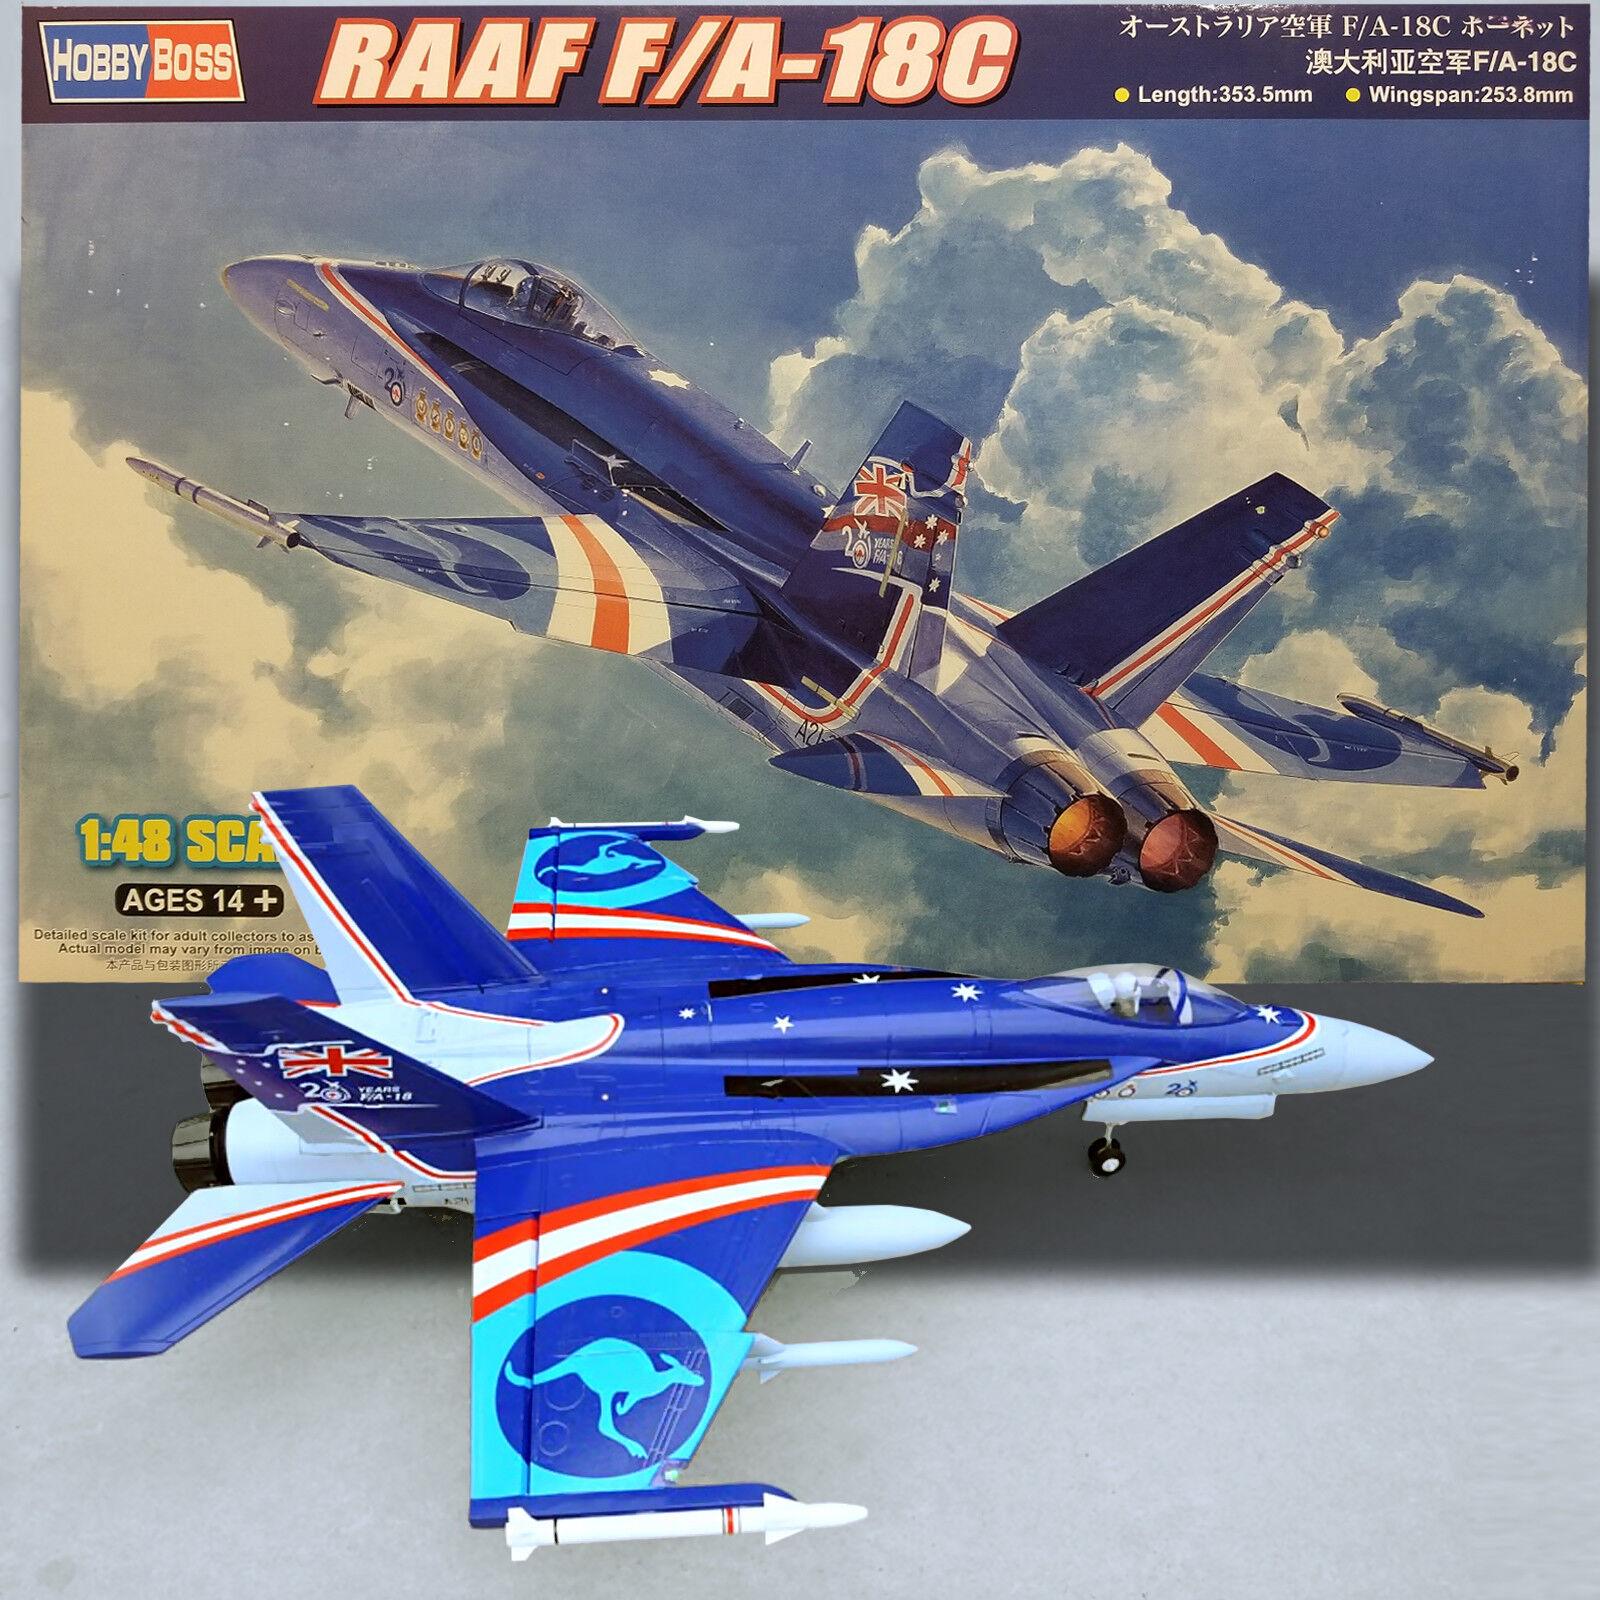 HOBBY BOSS 1 48 RAAF F A-18C HORNET MODEL KIT 85809